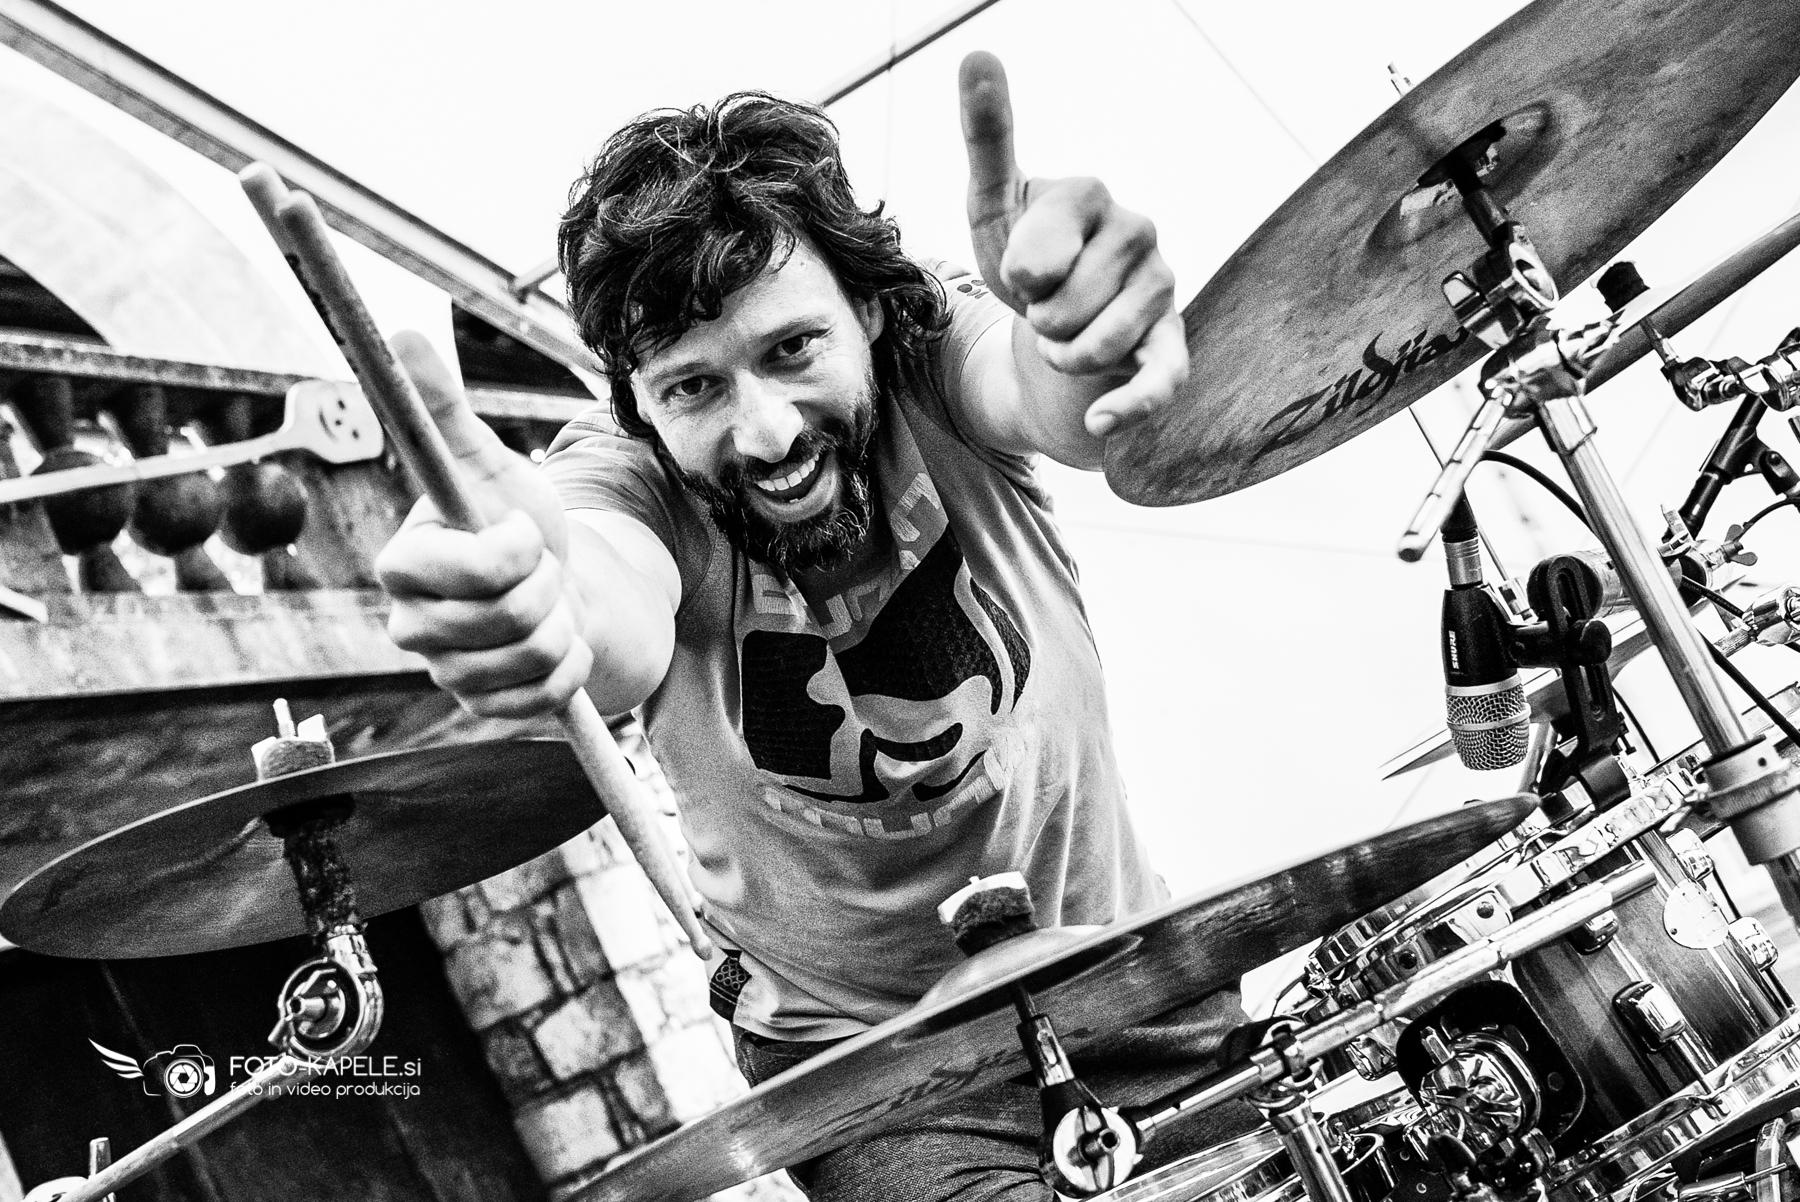 Kingston - bobnar Klemen Ogrizek, Ribnica